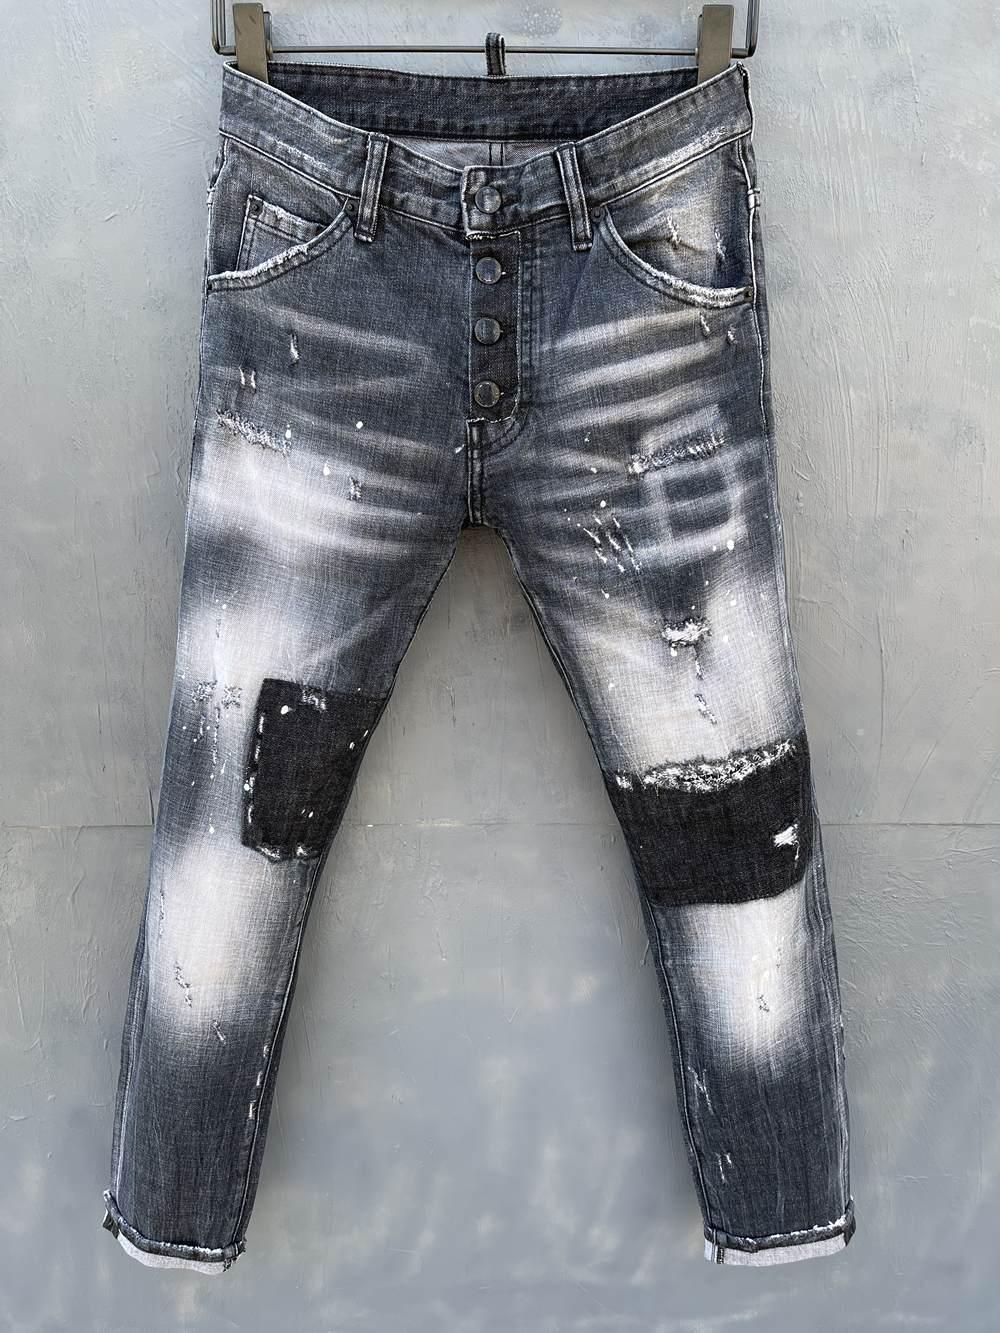 2021 Neue Marken-Europäische und amerikanische Mode-Männer Lässige Jeans, hochwertiges Waschen, reines Handschleifen, Qualitätsoptimierung LT055